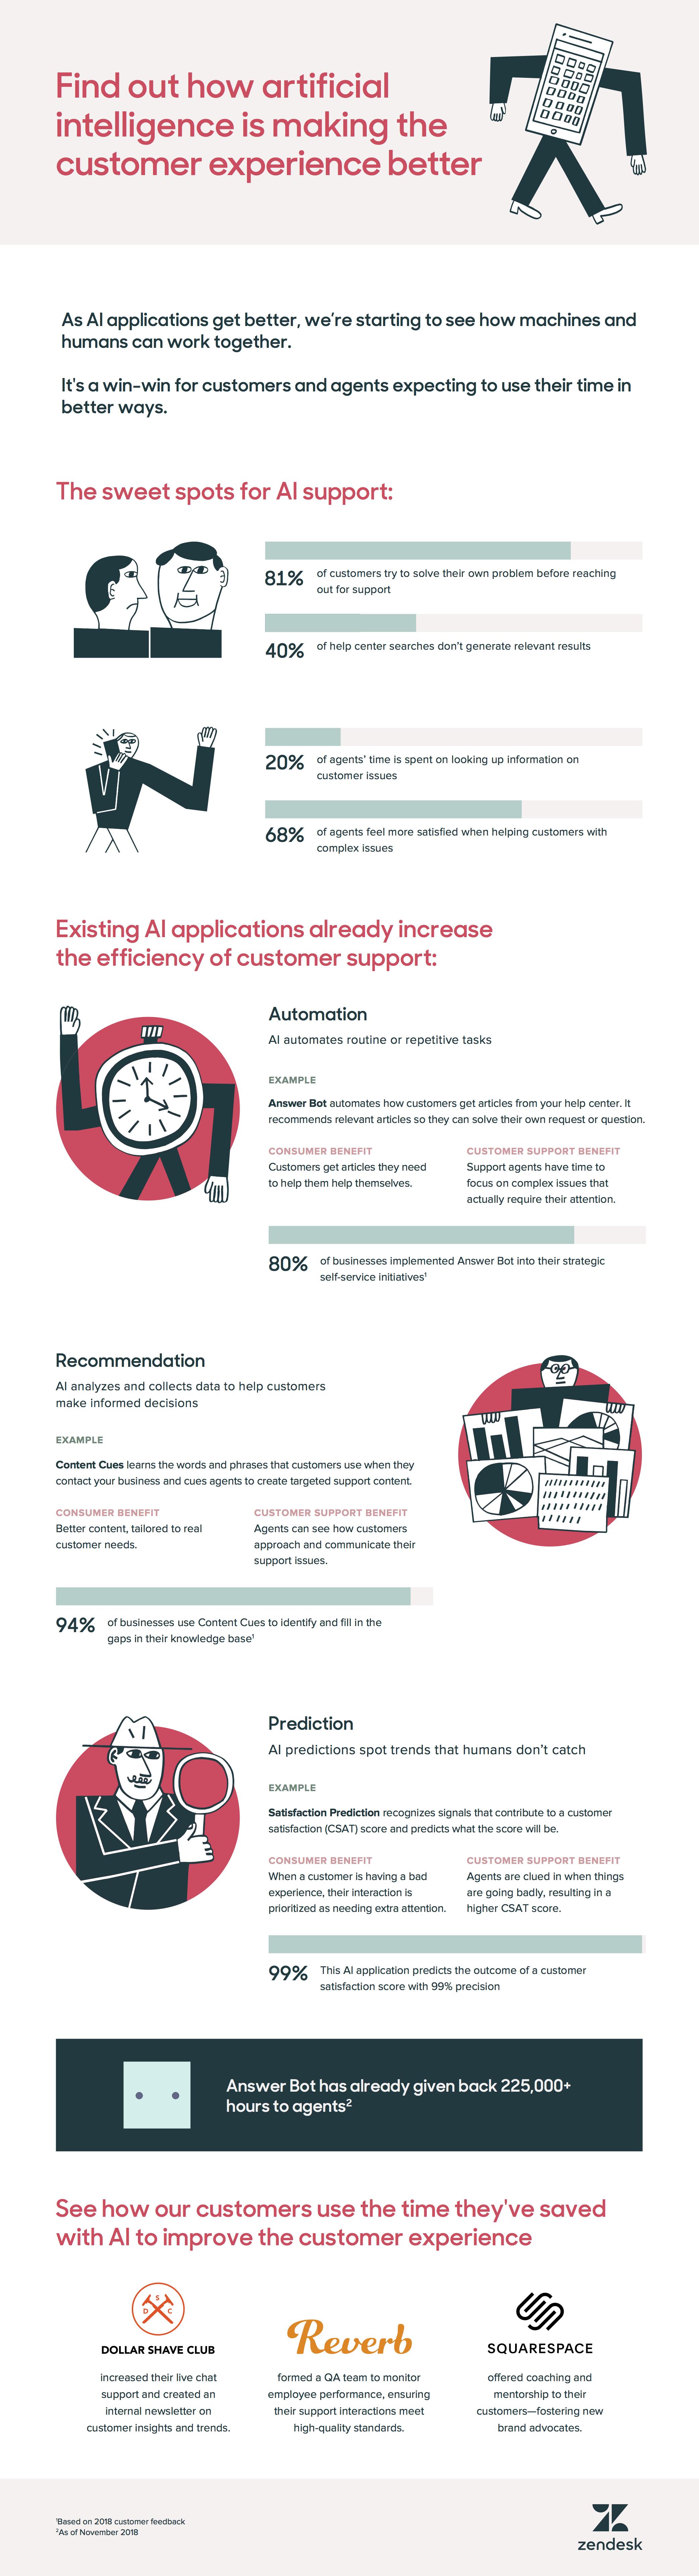 人工智慧如何改善客戶體驗